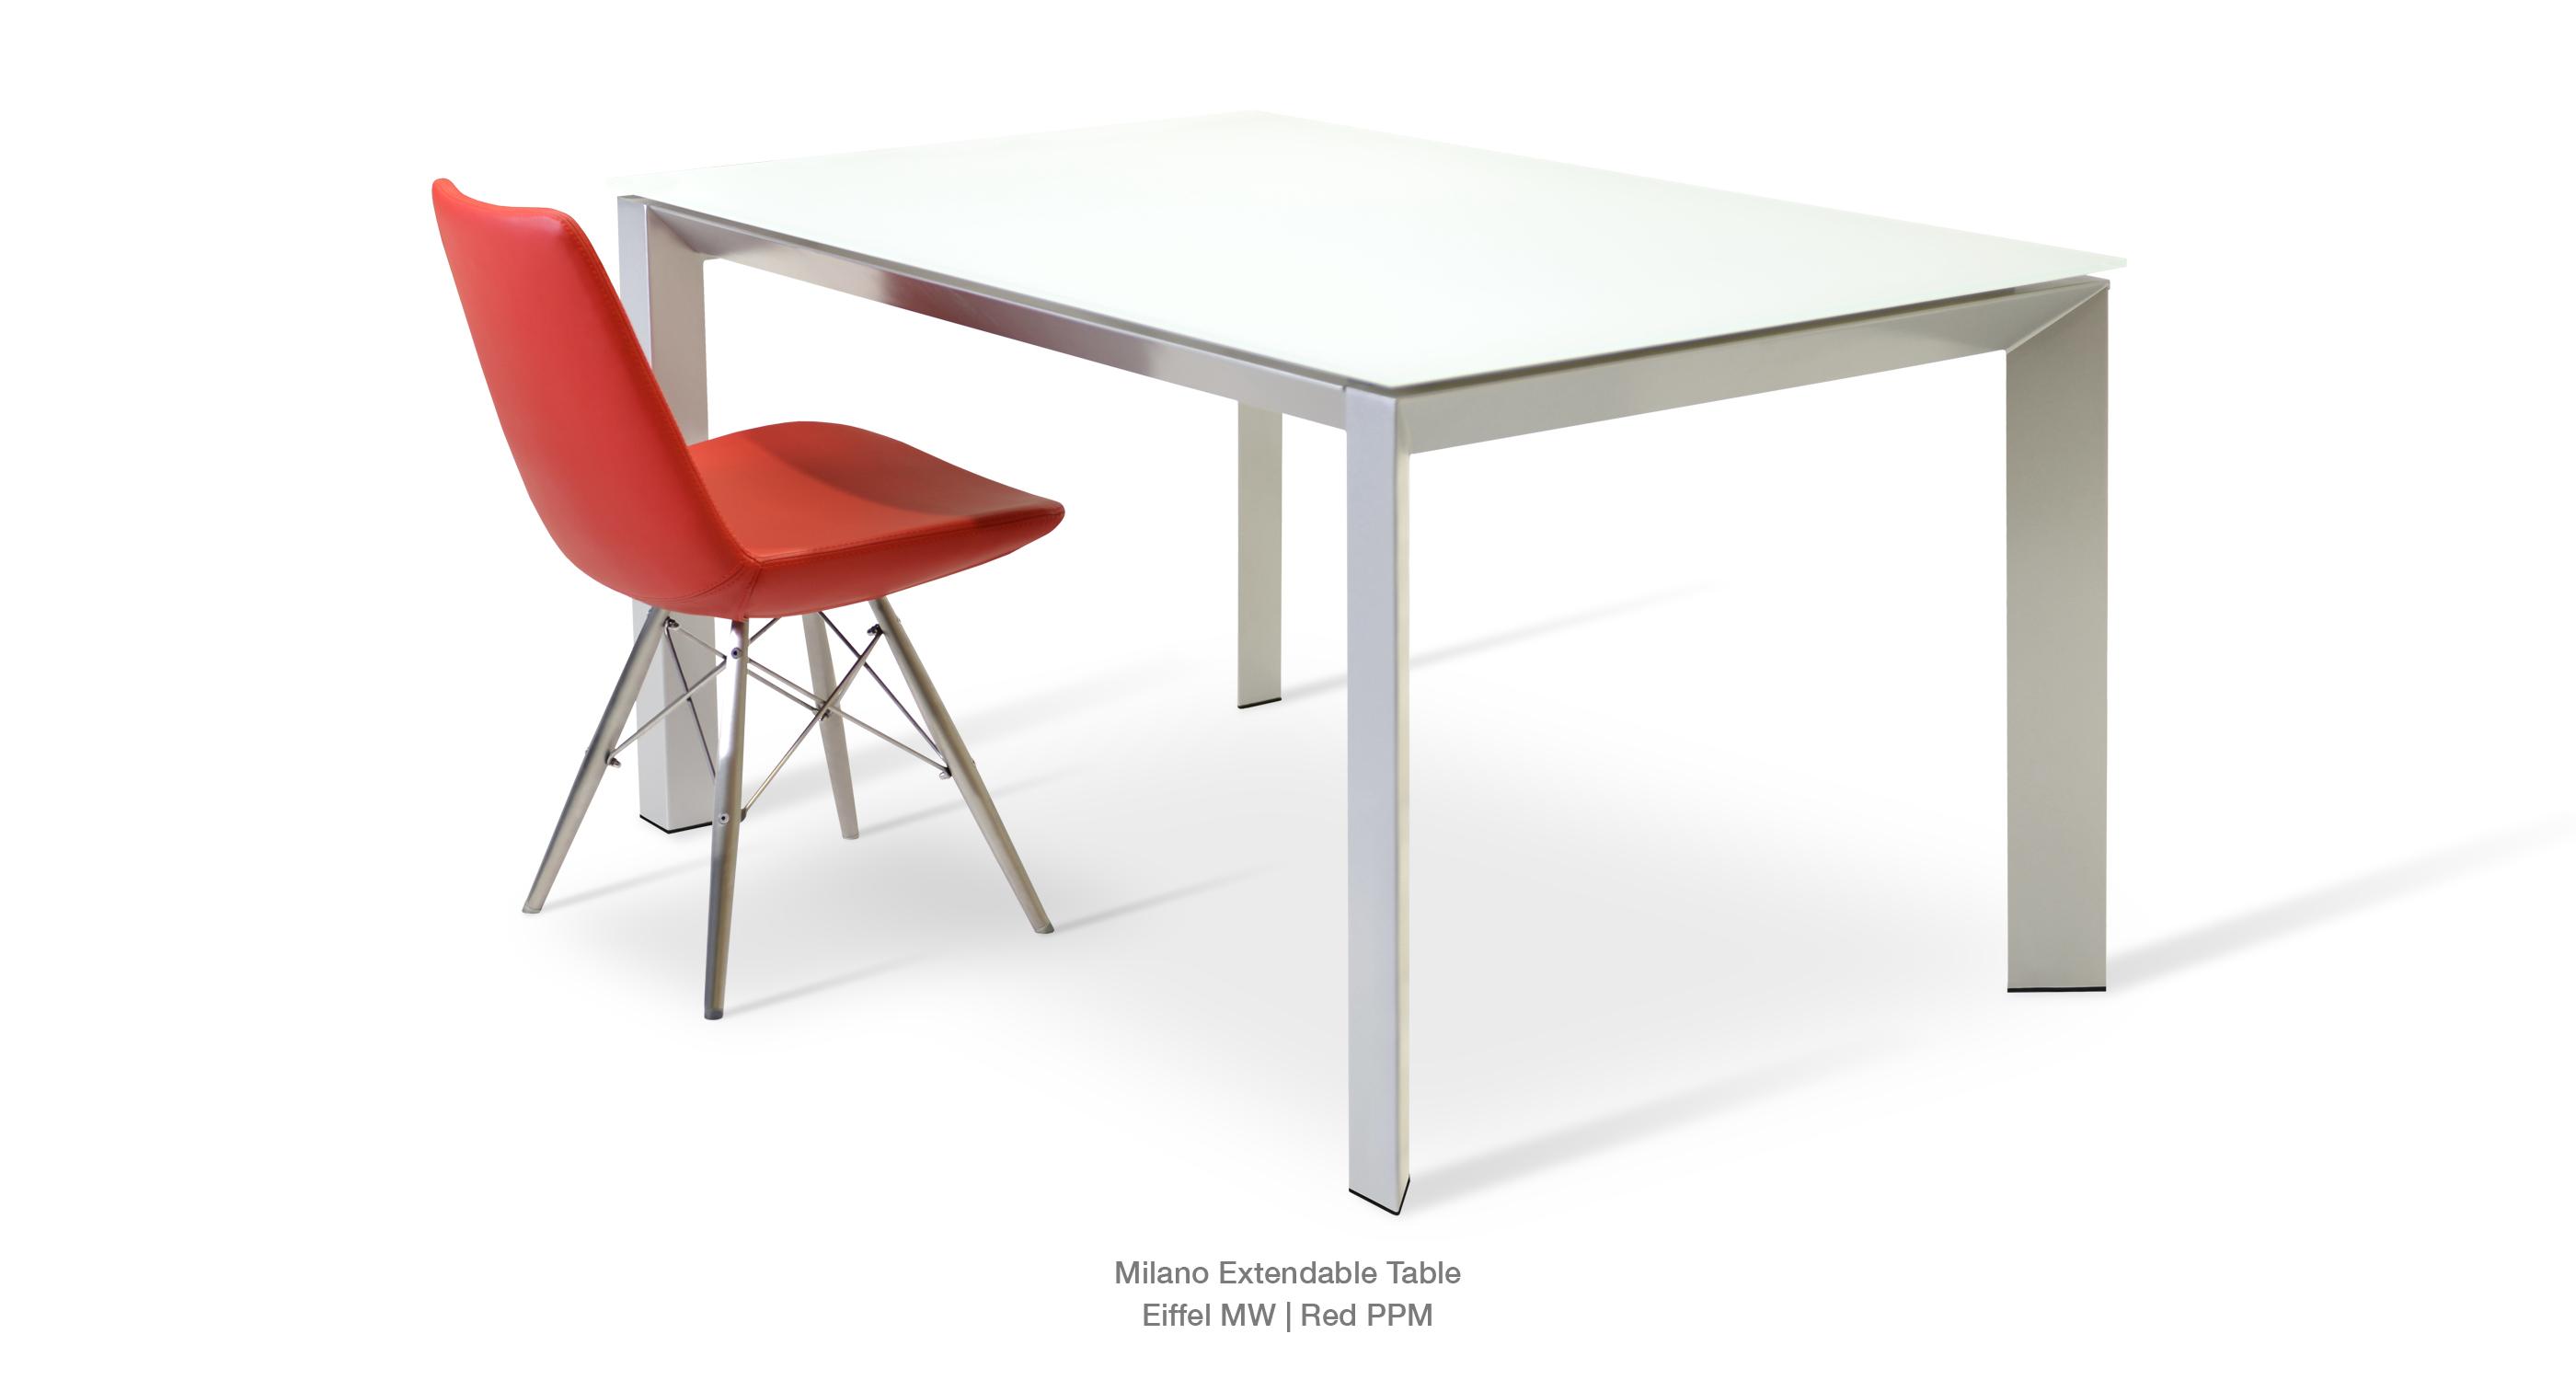 Milano Dining Table Gallery Dining Table Ideas : eiffelmwmilano from sorahana.info size 2800 x 1500 jpeg 383kB